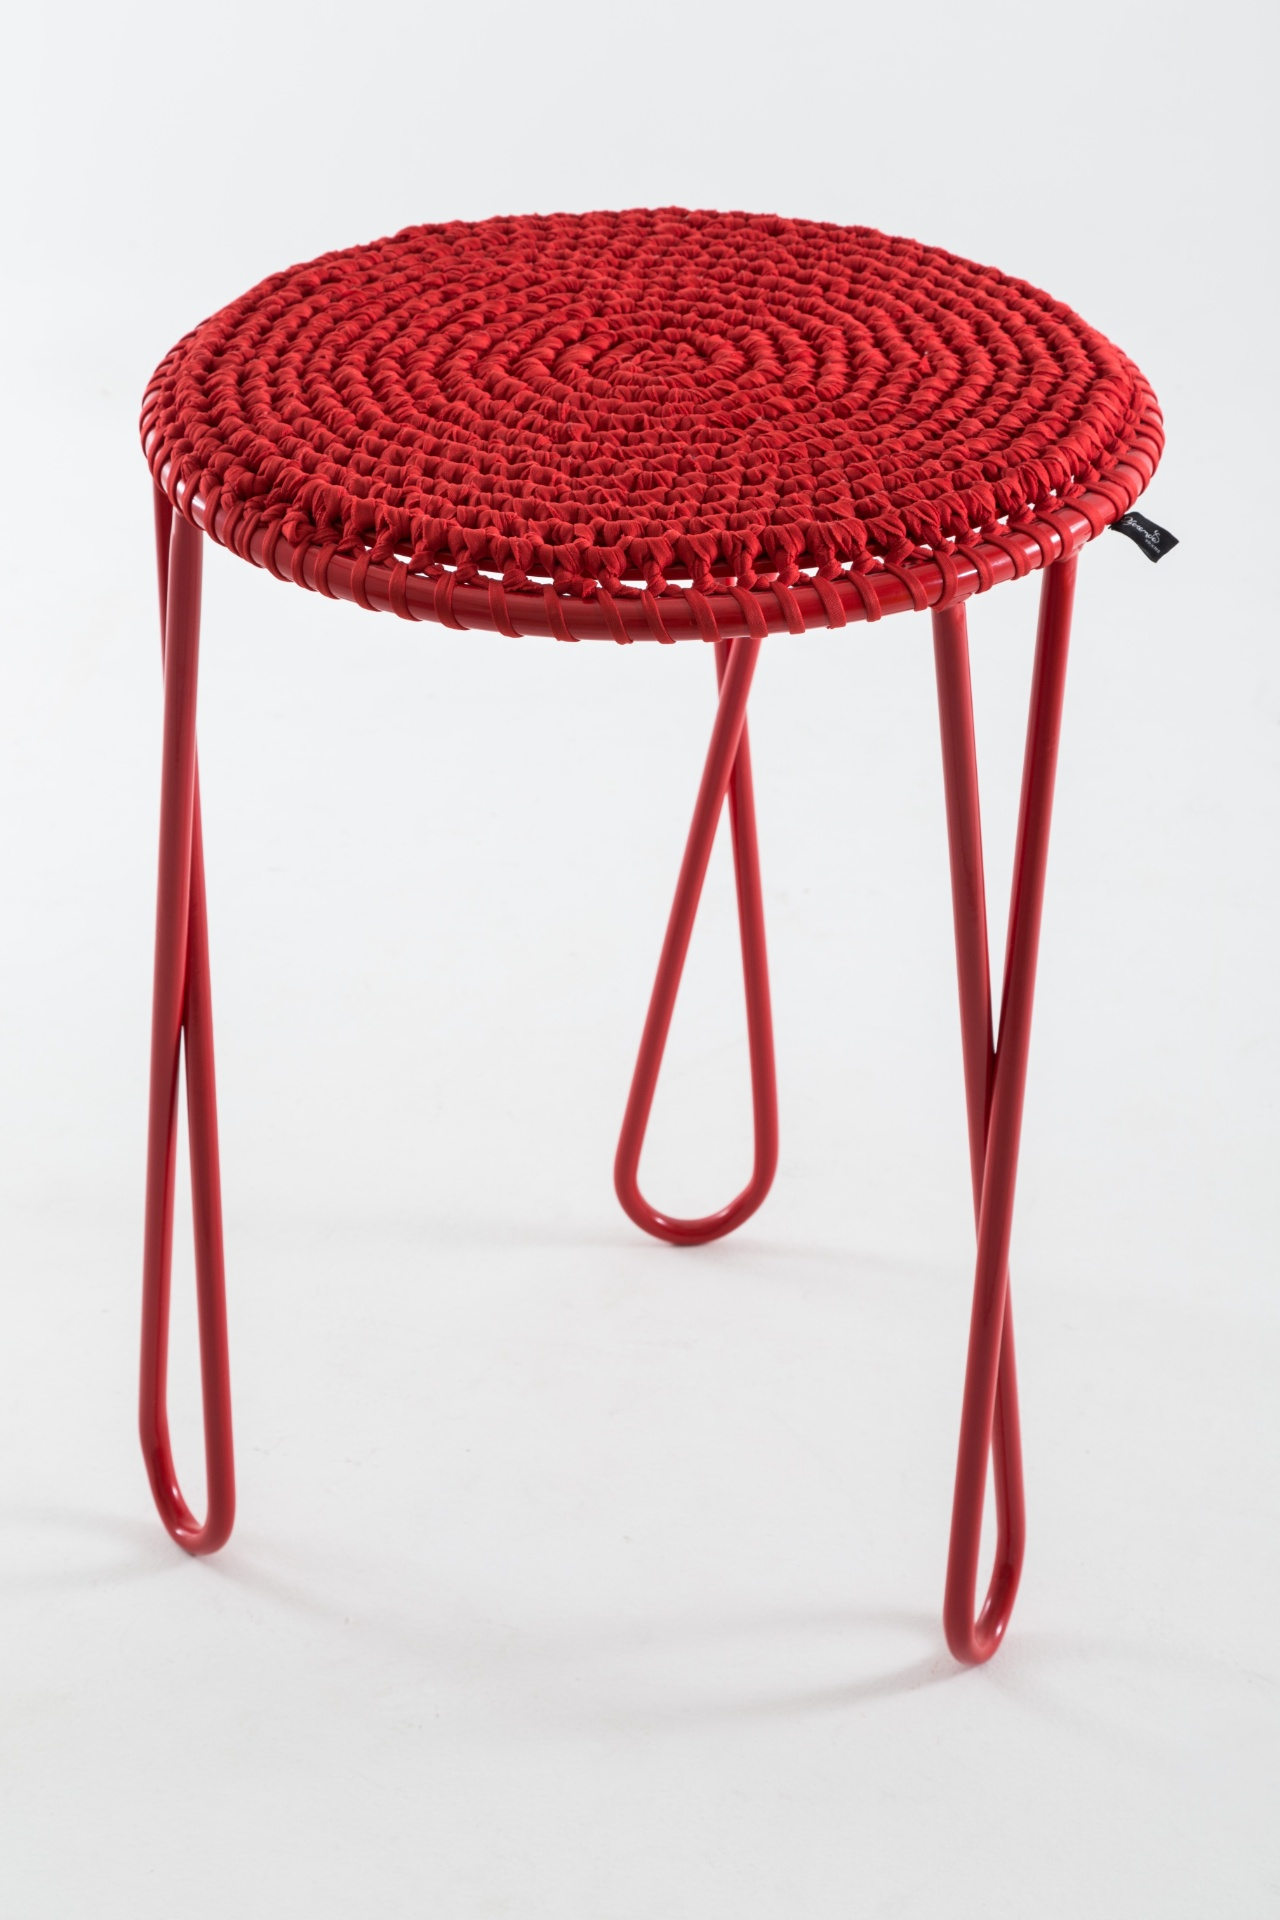 Com design de Nicole Tomazi Verdi e Diane Johann, a mesa lateral Vó Marieta possui base em aço pintado e tampo em madeira, revestido por uma cobertura em crochê feita de resíduos de tecidos. A peça (50 cm por 70 cm) é vendida na Oferenda Objetos (www.oferenda.net)